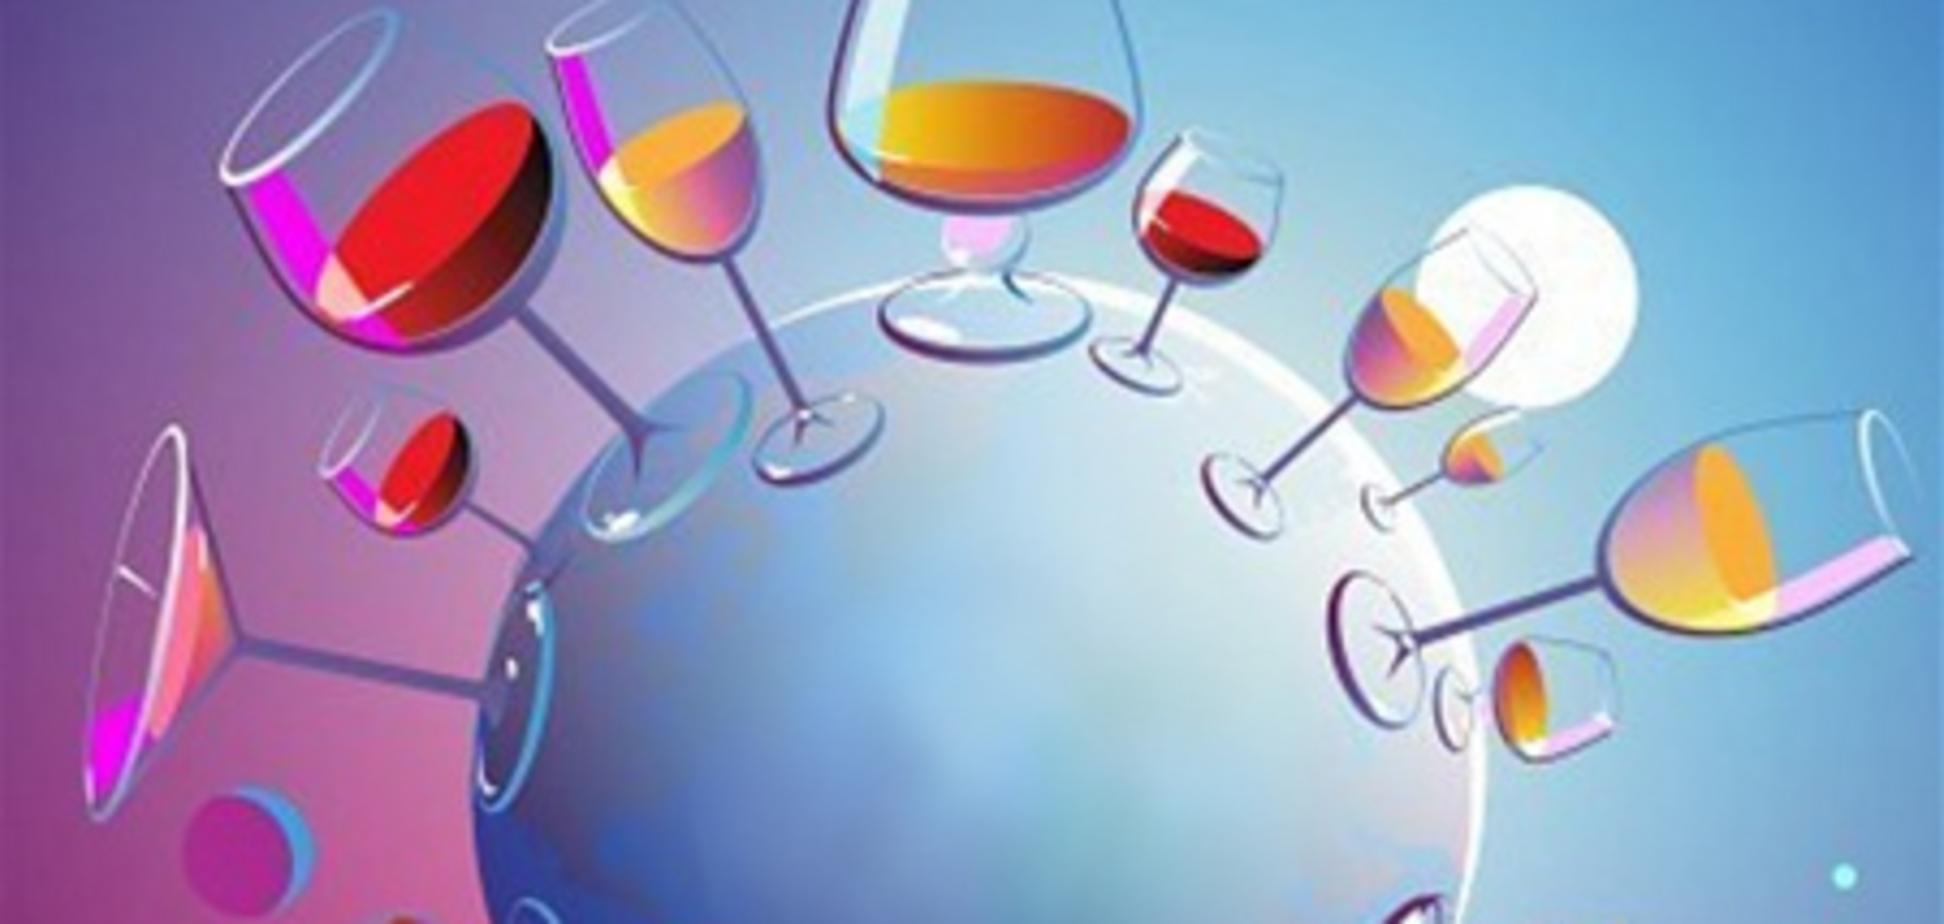 Ринок алкоголю в найближчі 5 років